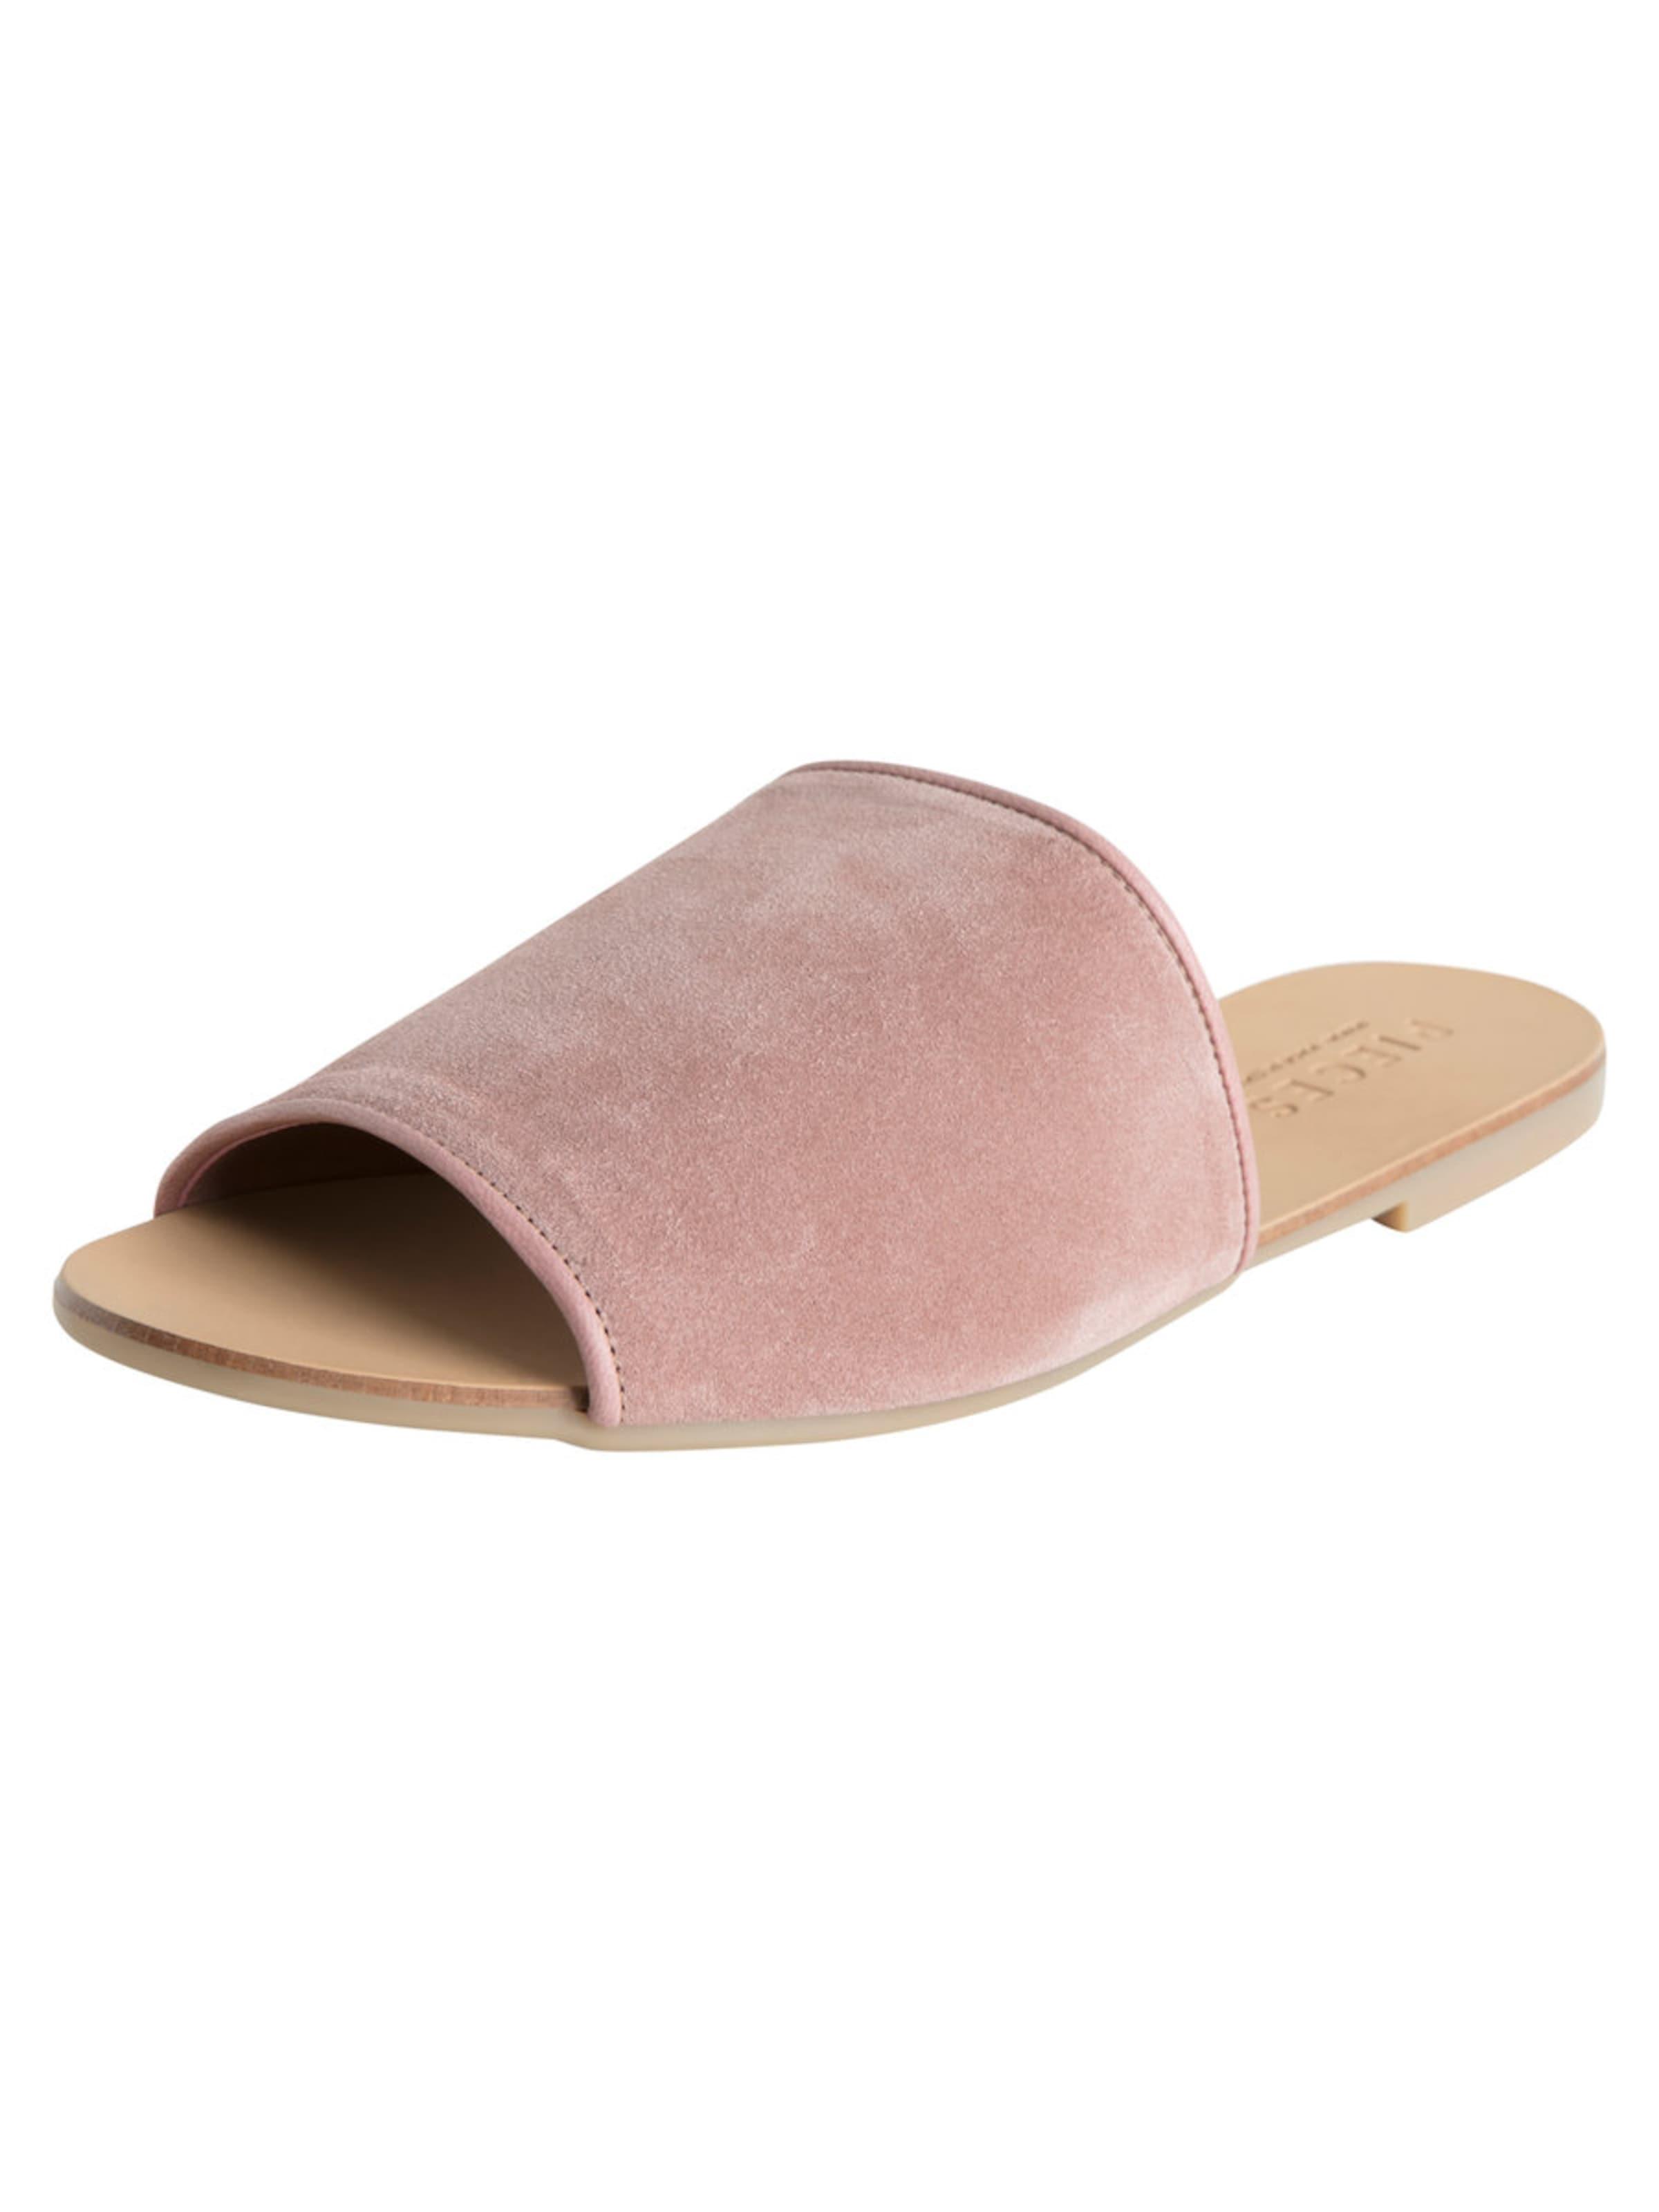 PIECES Pantolette Verschleißfeste billige Schuhe Hohe Qualität